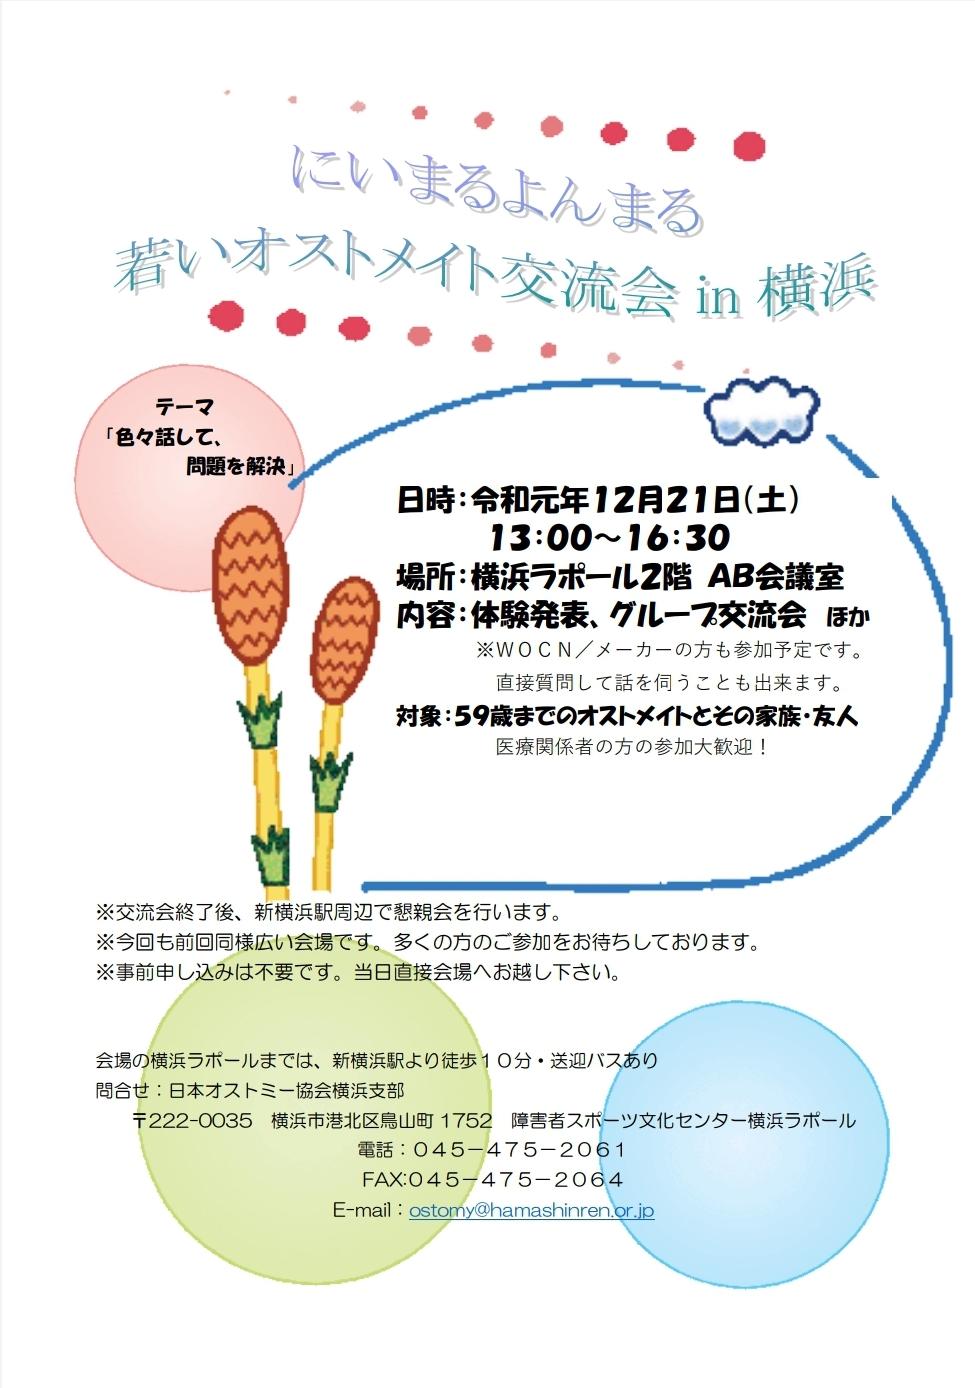 若いオストメイト交流in横浜20191221